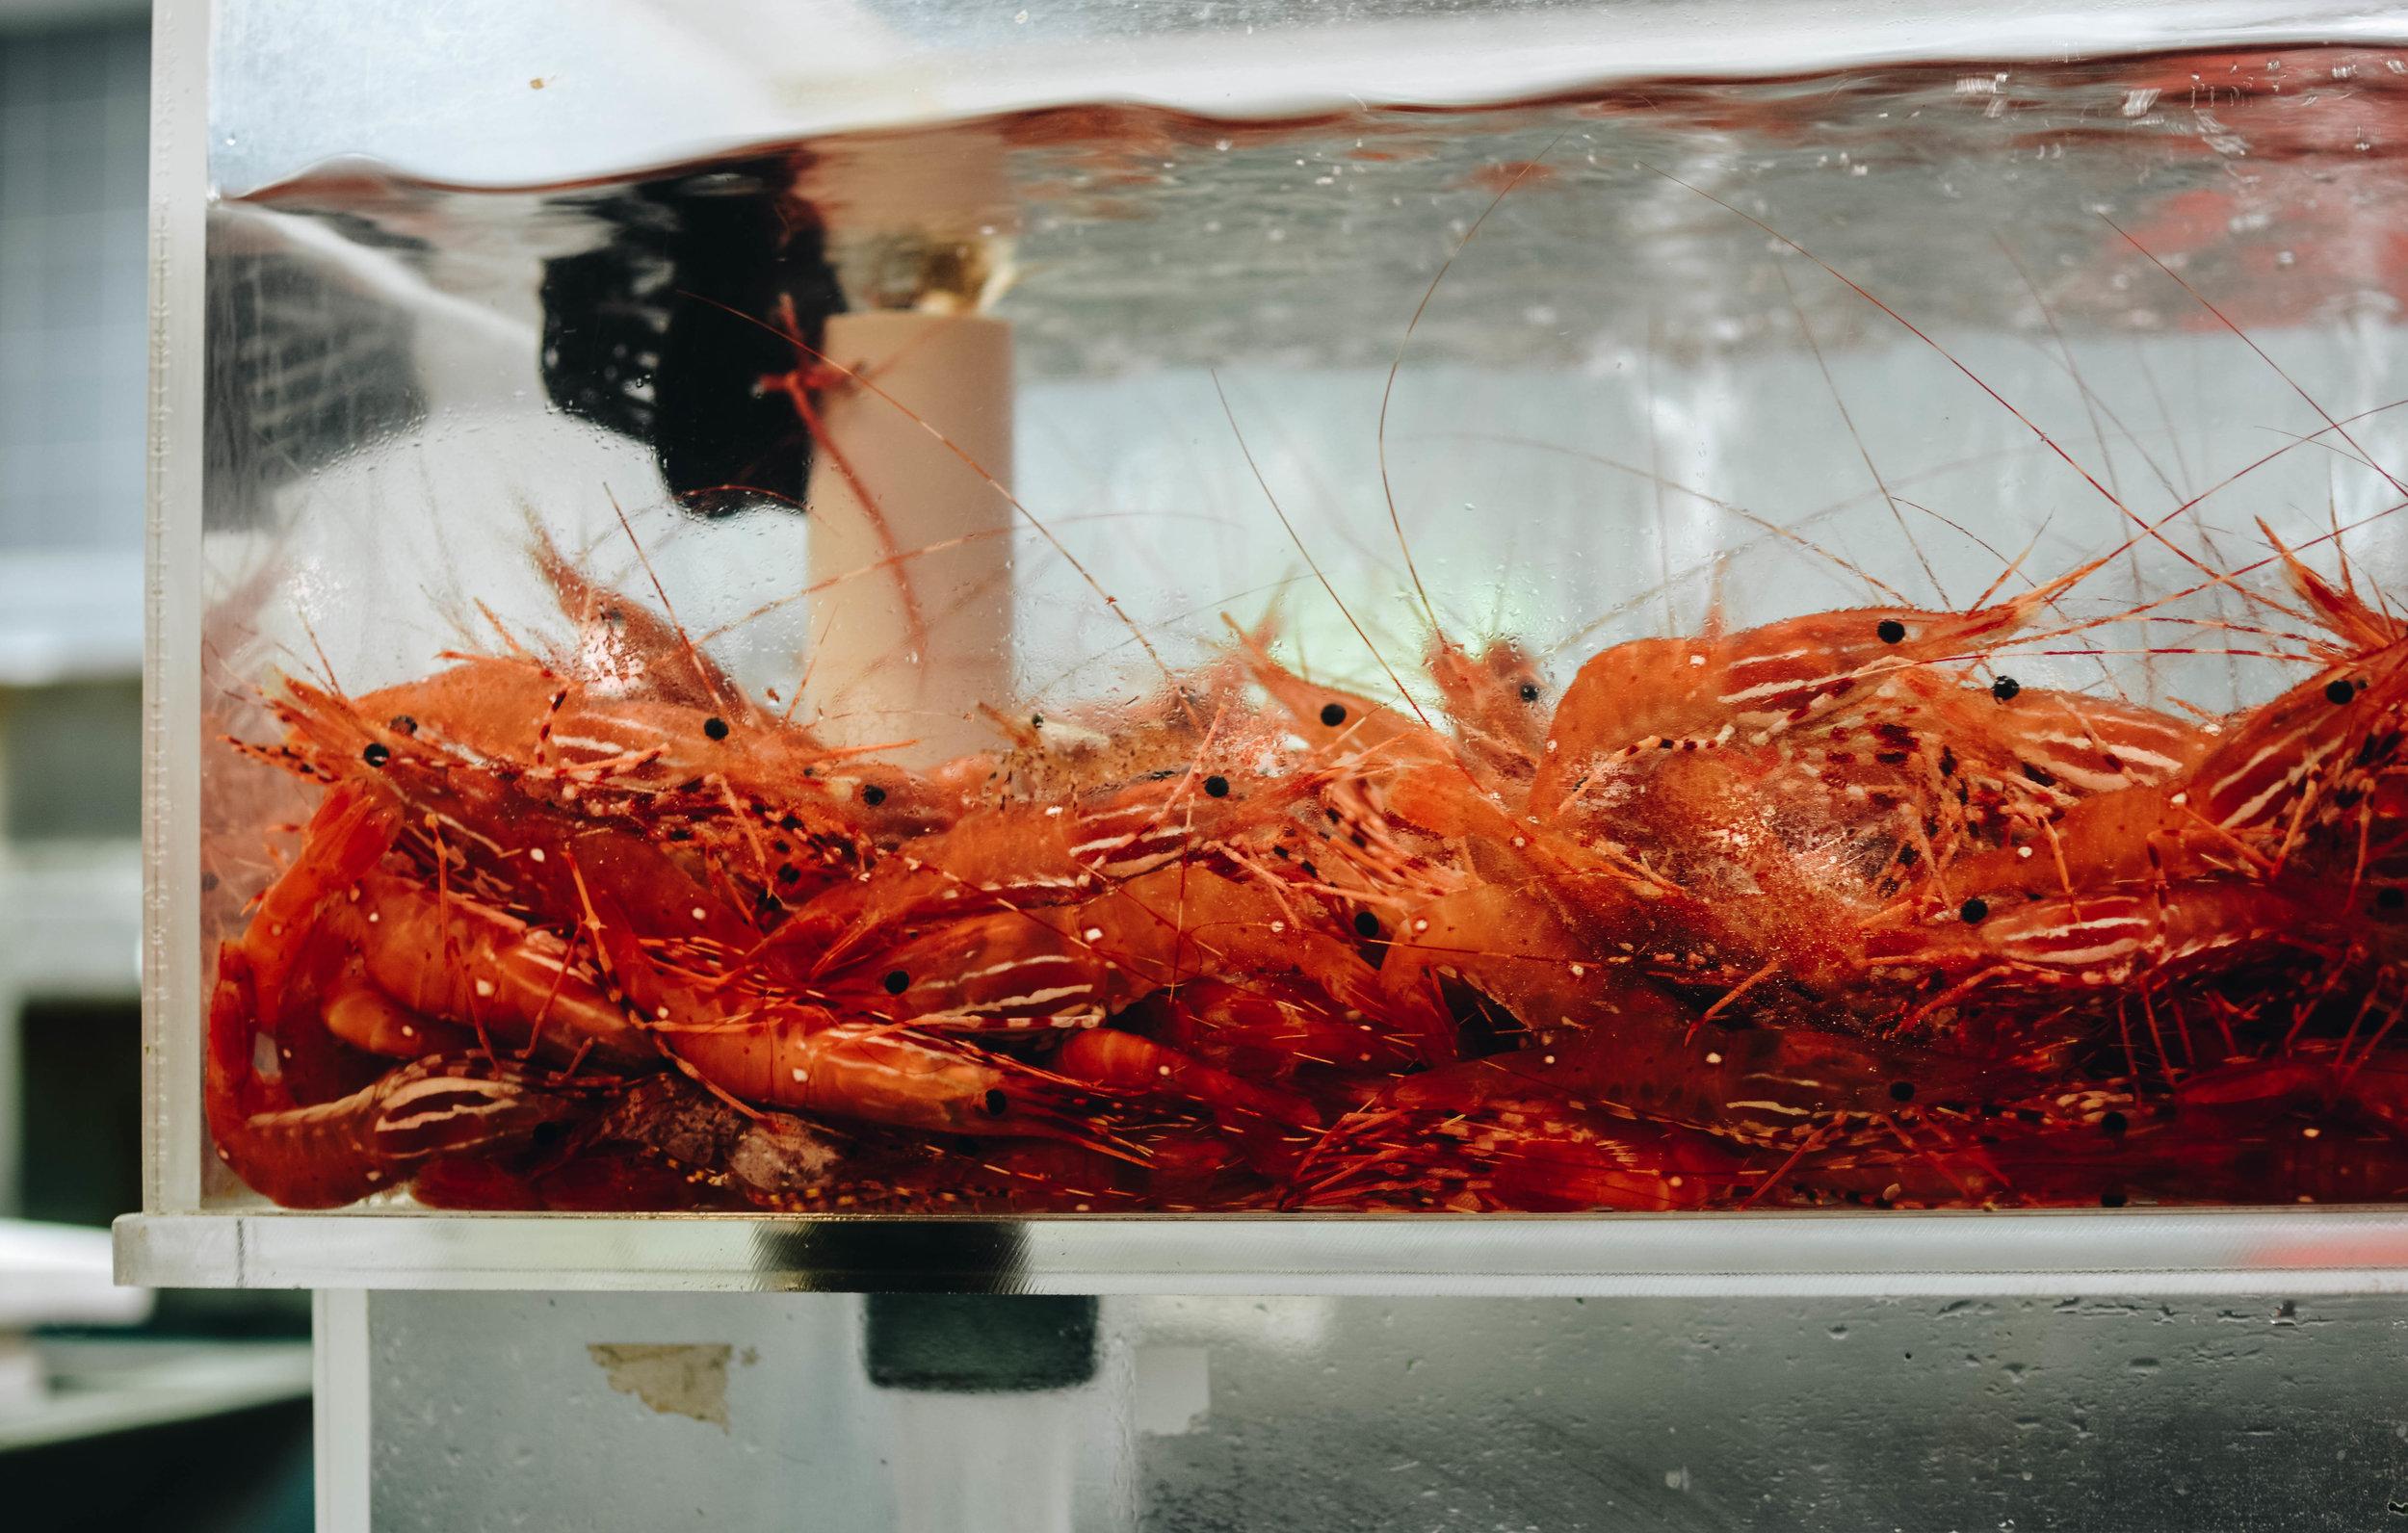 shrimp in tank